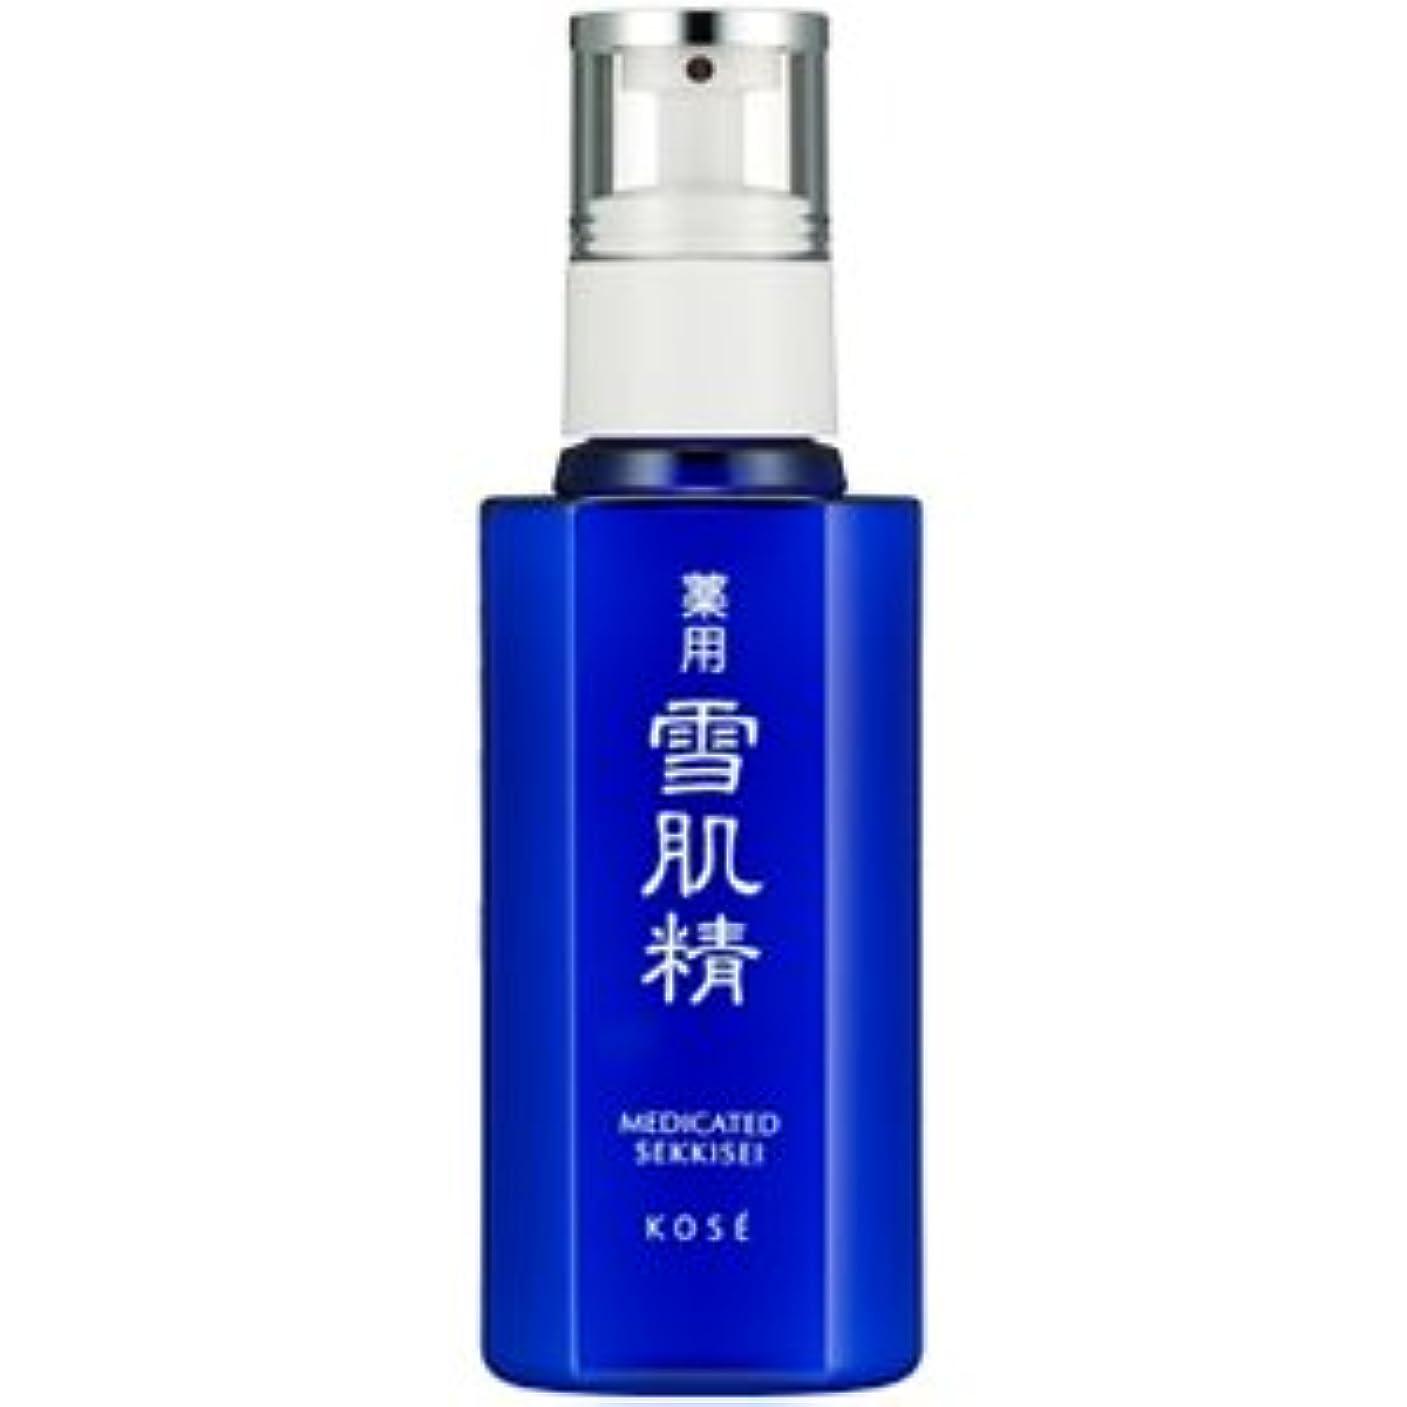 香りカテナ権限【コーセー 乳液】薬用 雪肌精 乳液 140ml